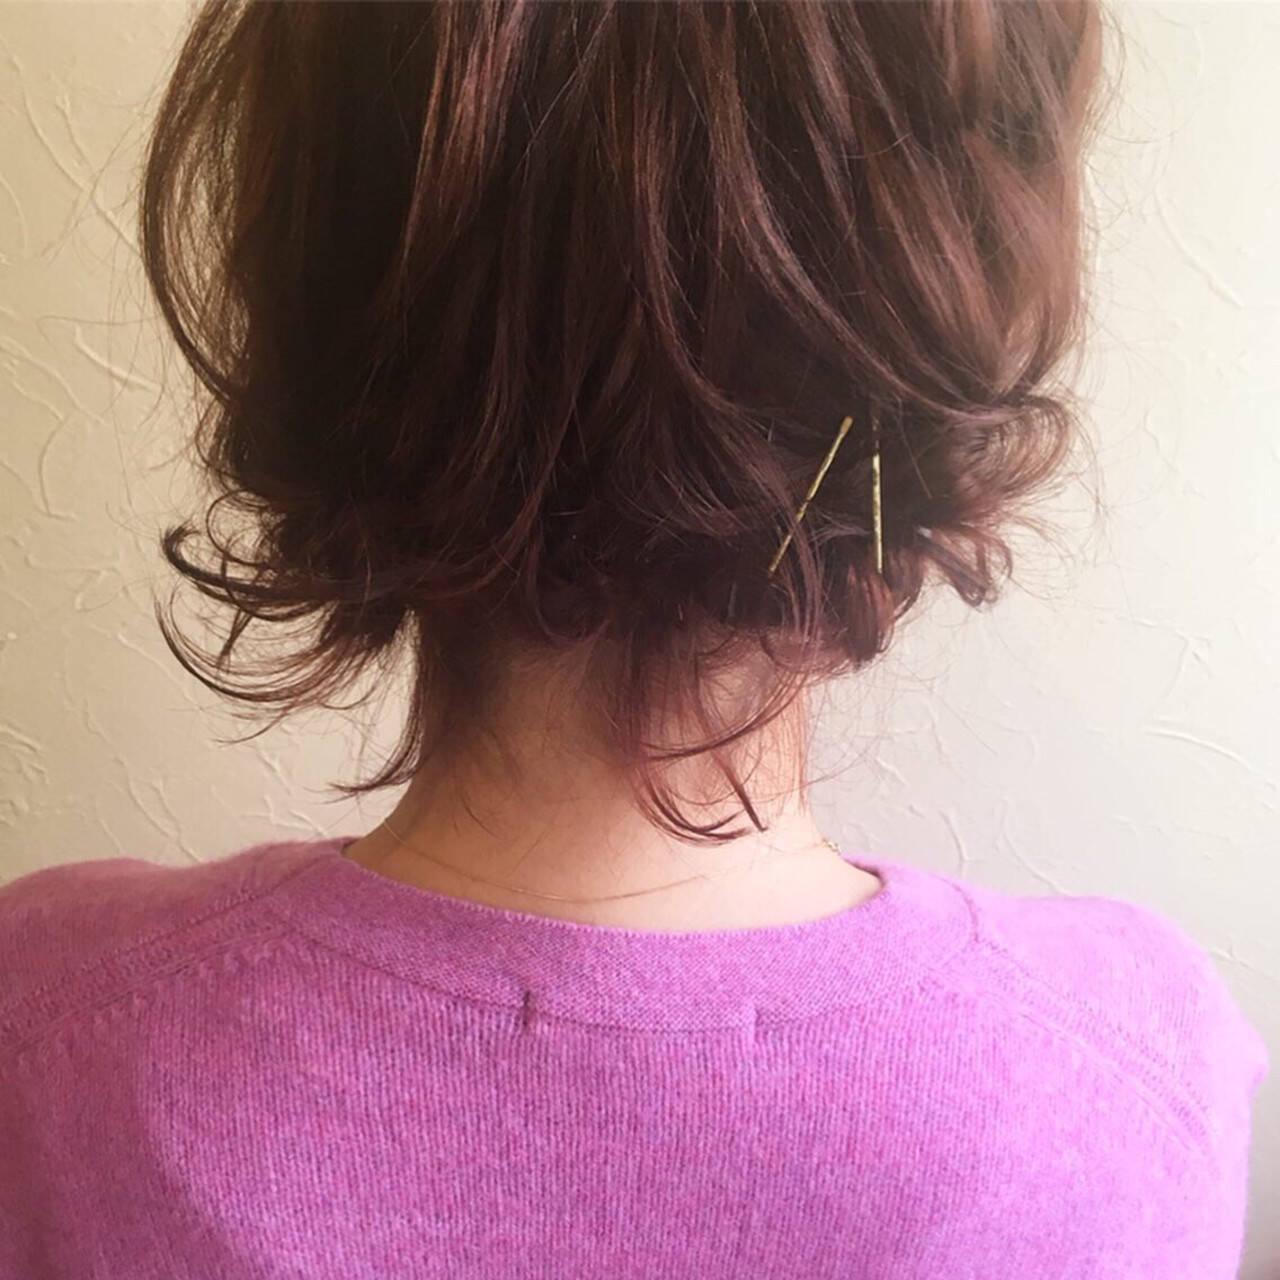 デート ヘアアレンジ スタイリング ボブヘアスタイルや髪型の写真・画像